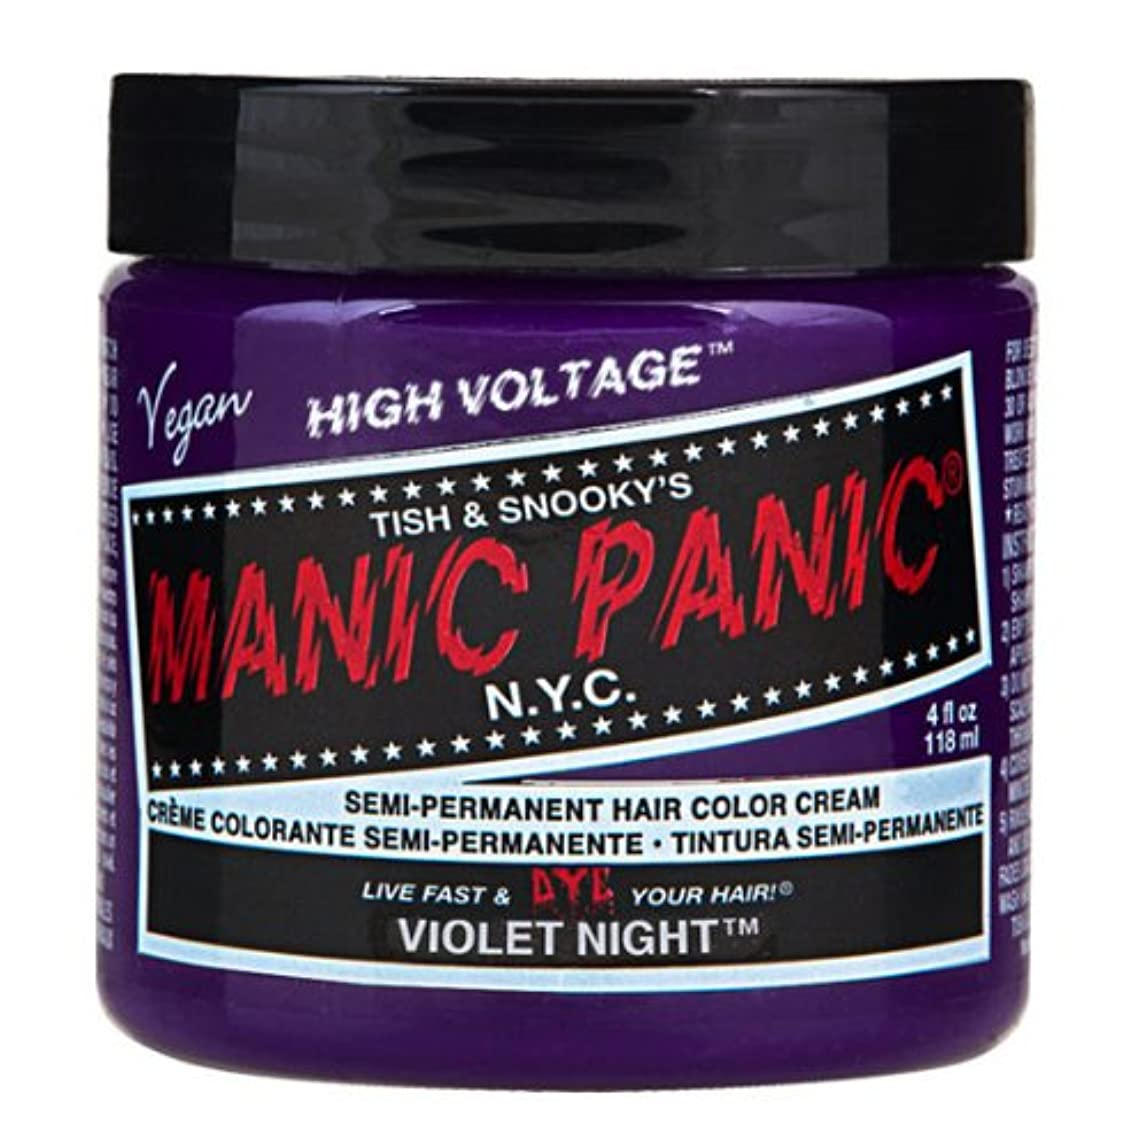 小さい心理的入場料マニックパニック カラークリーム ヴァイオレットナイト